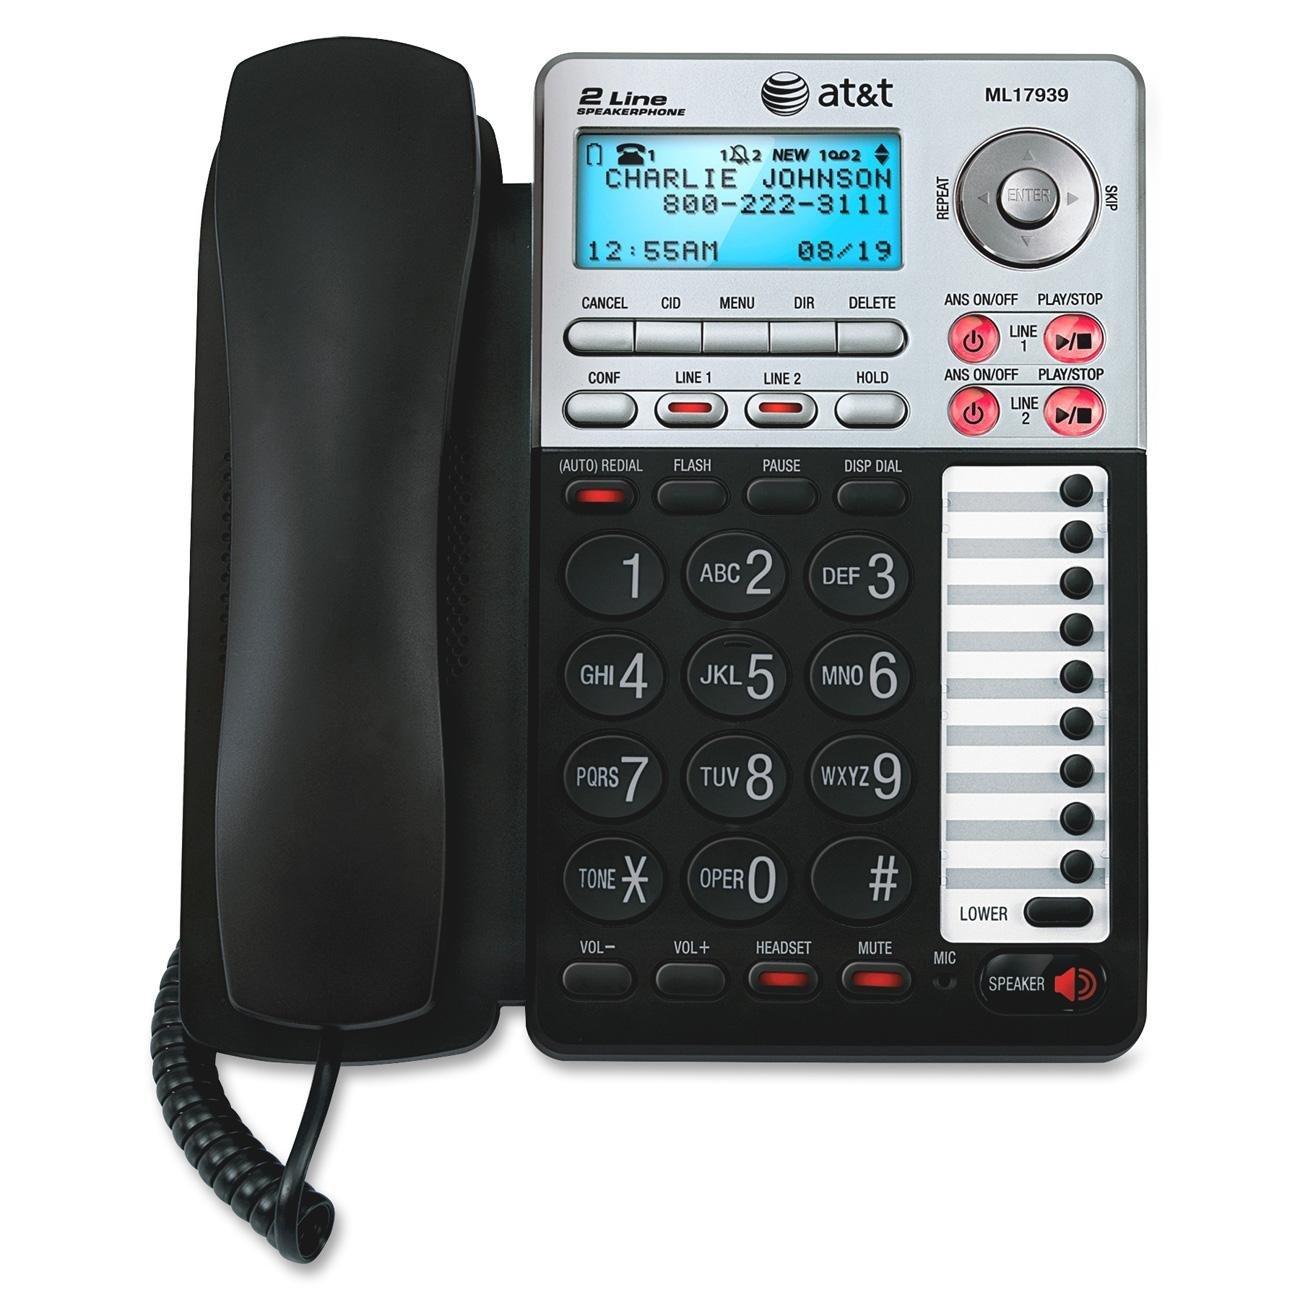 Telefonos-fijos AT&T, AT y T ML17939 2 línea con cable de teléfono con contestador y Caller ID/llamada en espera, teléfonos con cordón negro/plata Digital  en Veo y Compro